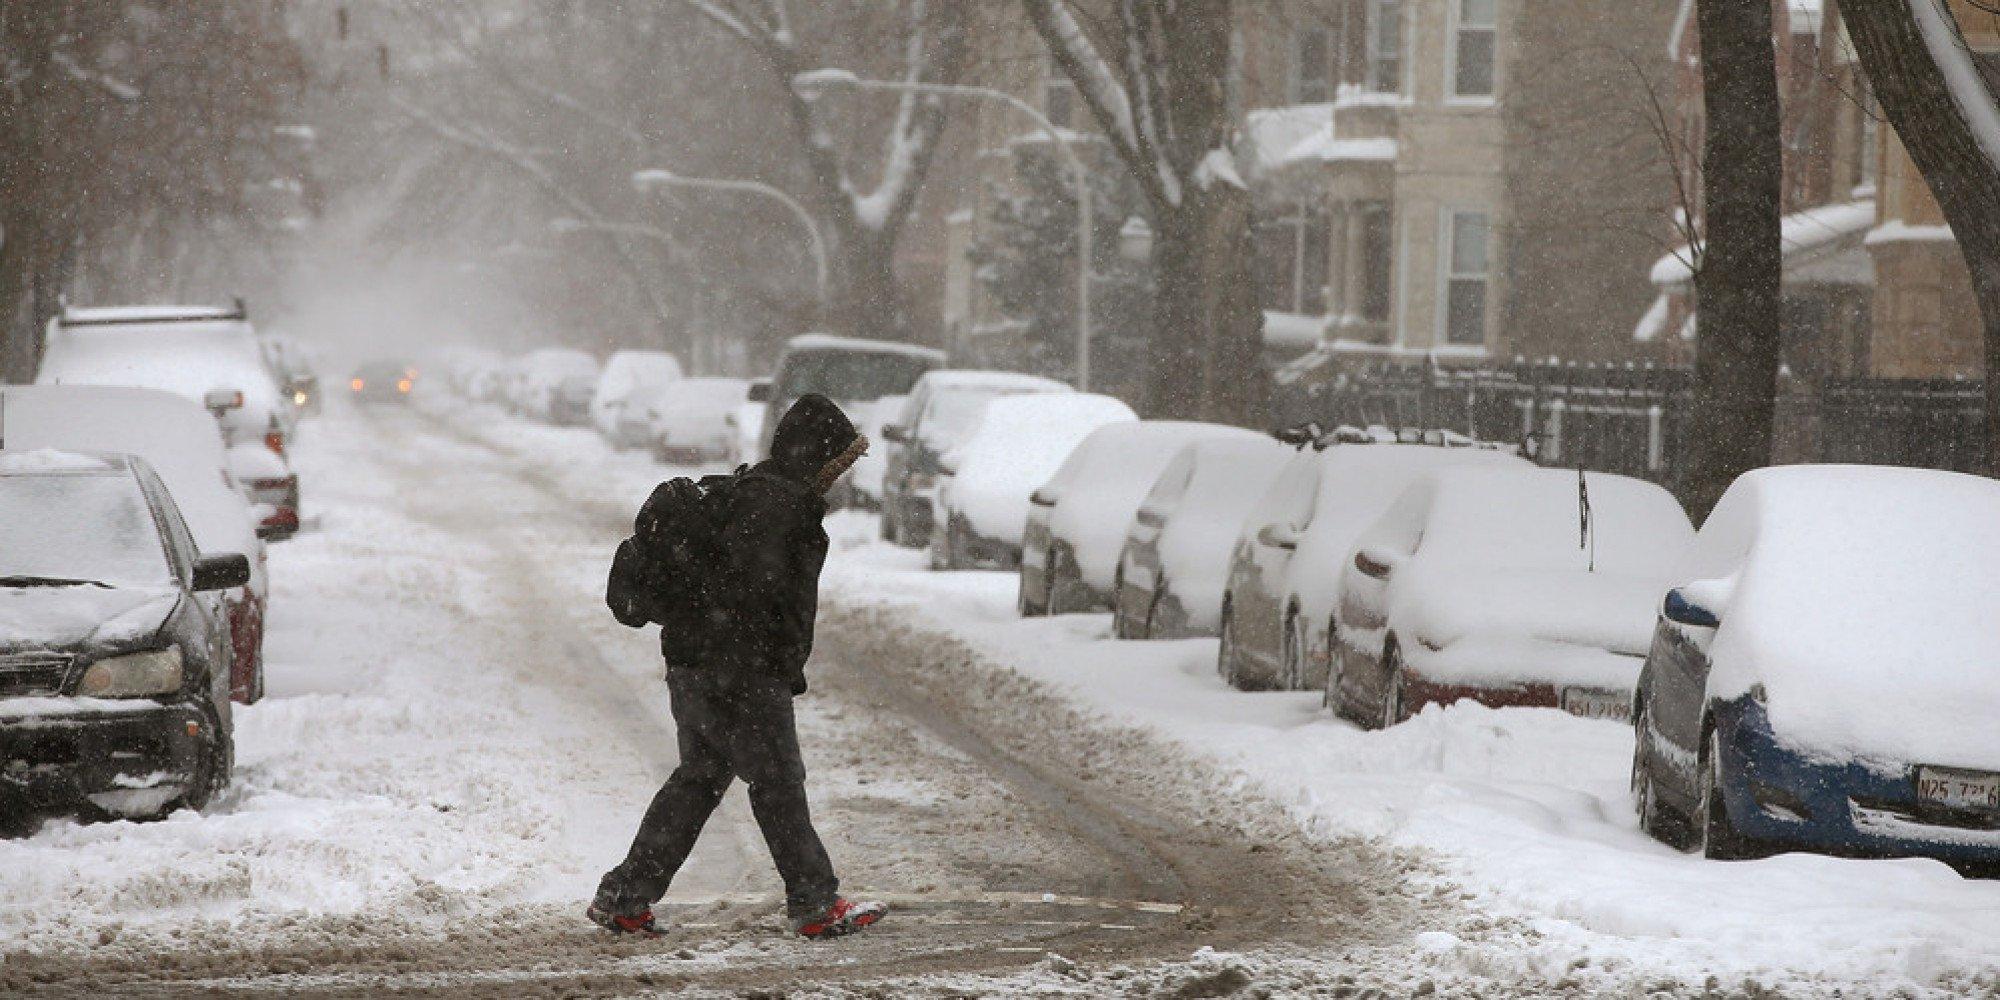 O chicago snow facebook 1